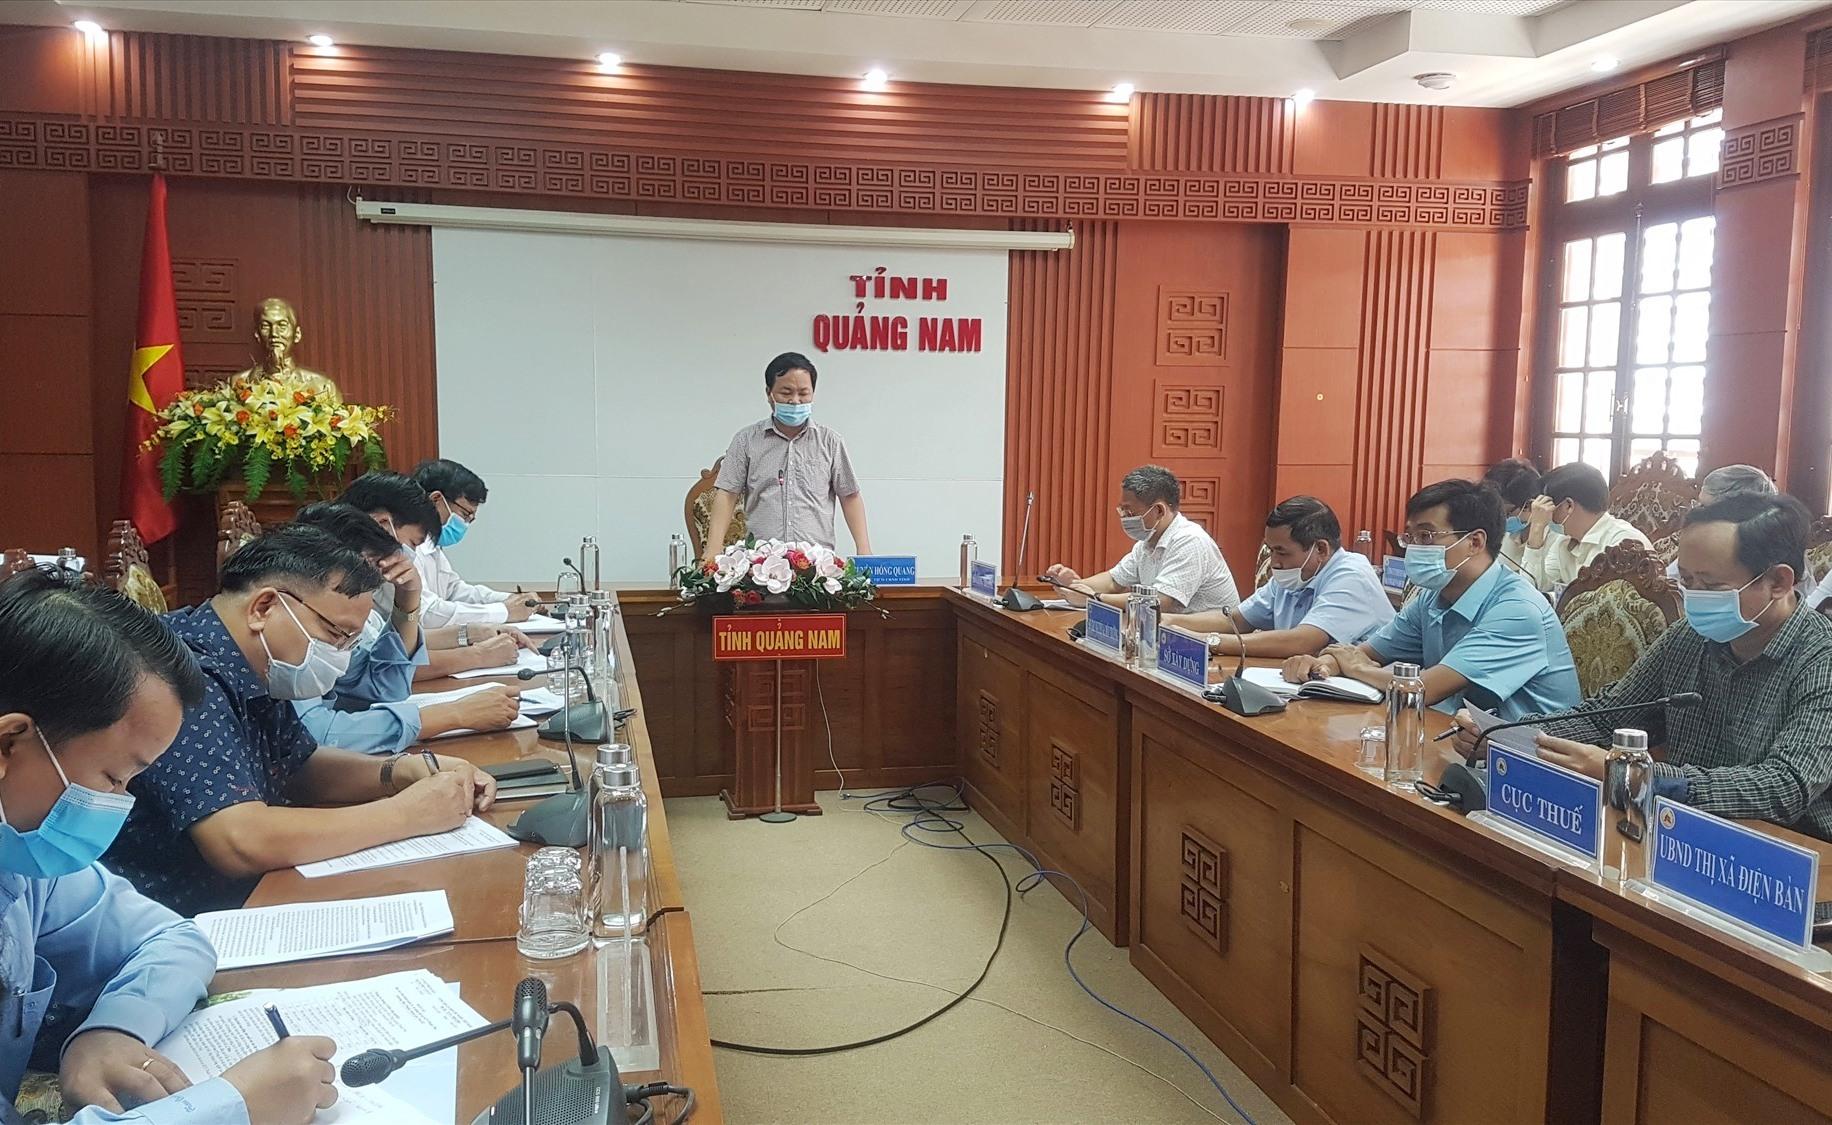 Phó Chủ tịch UBND tỉnh Nguyễn Hồng Quang chủ trì buổi làm việc sáng nay. Ảnh: D.L